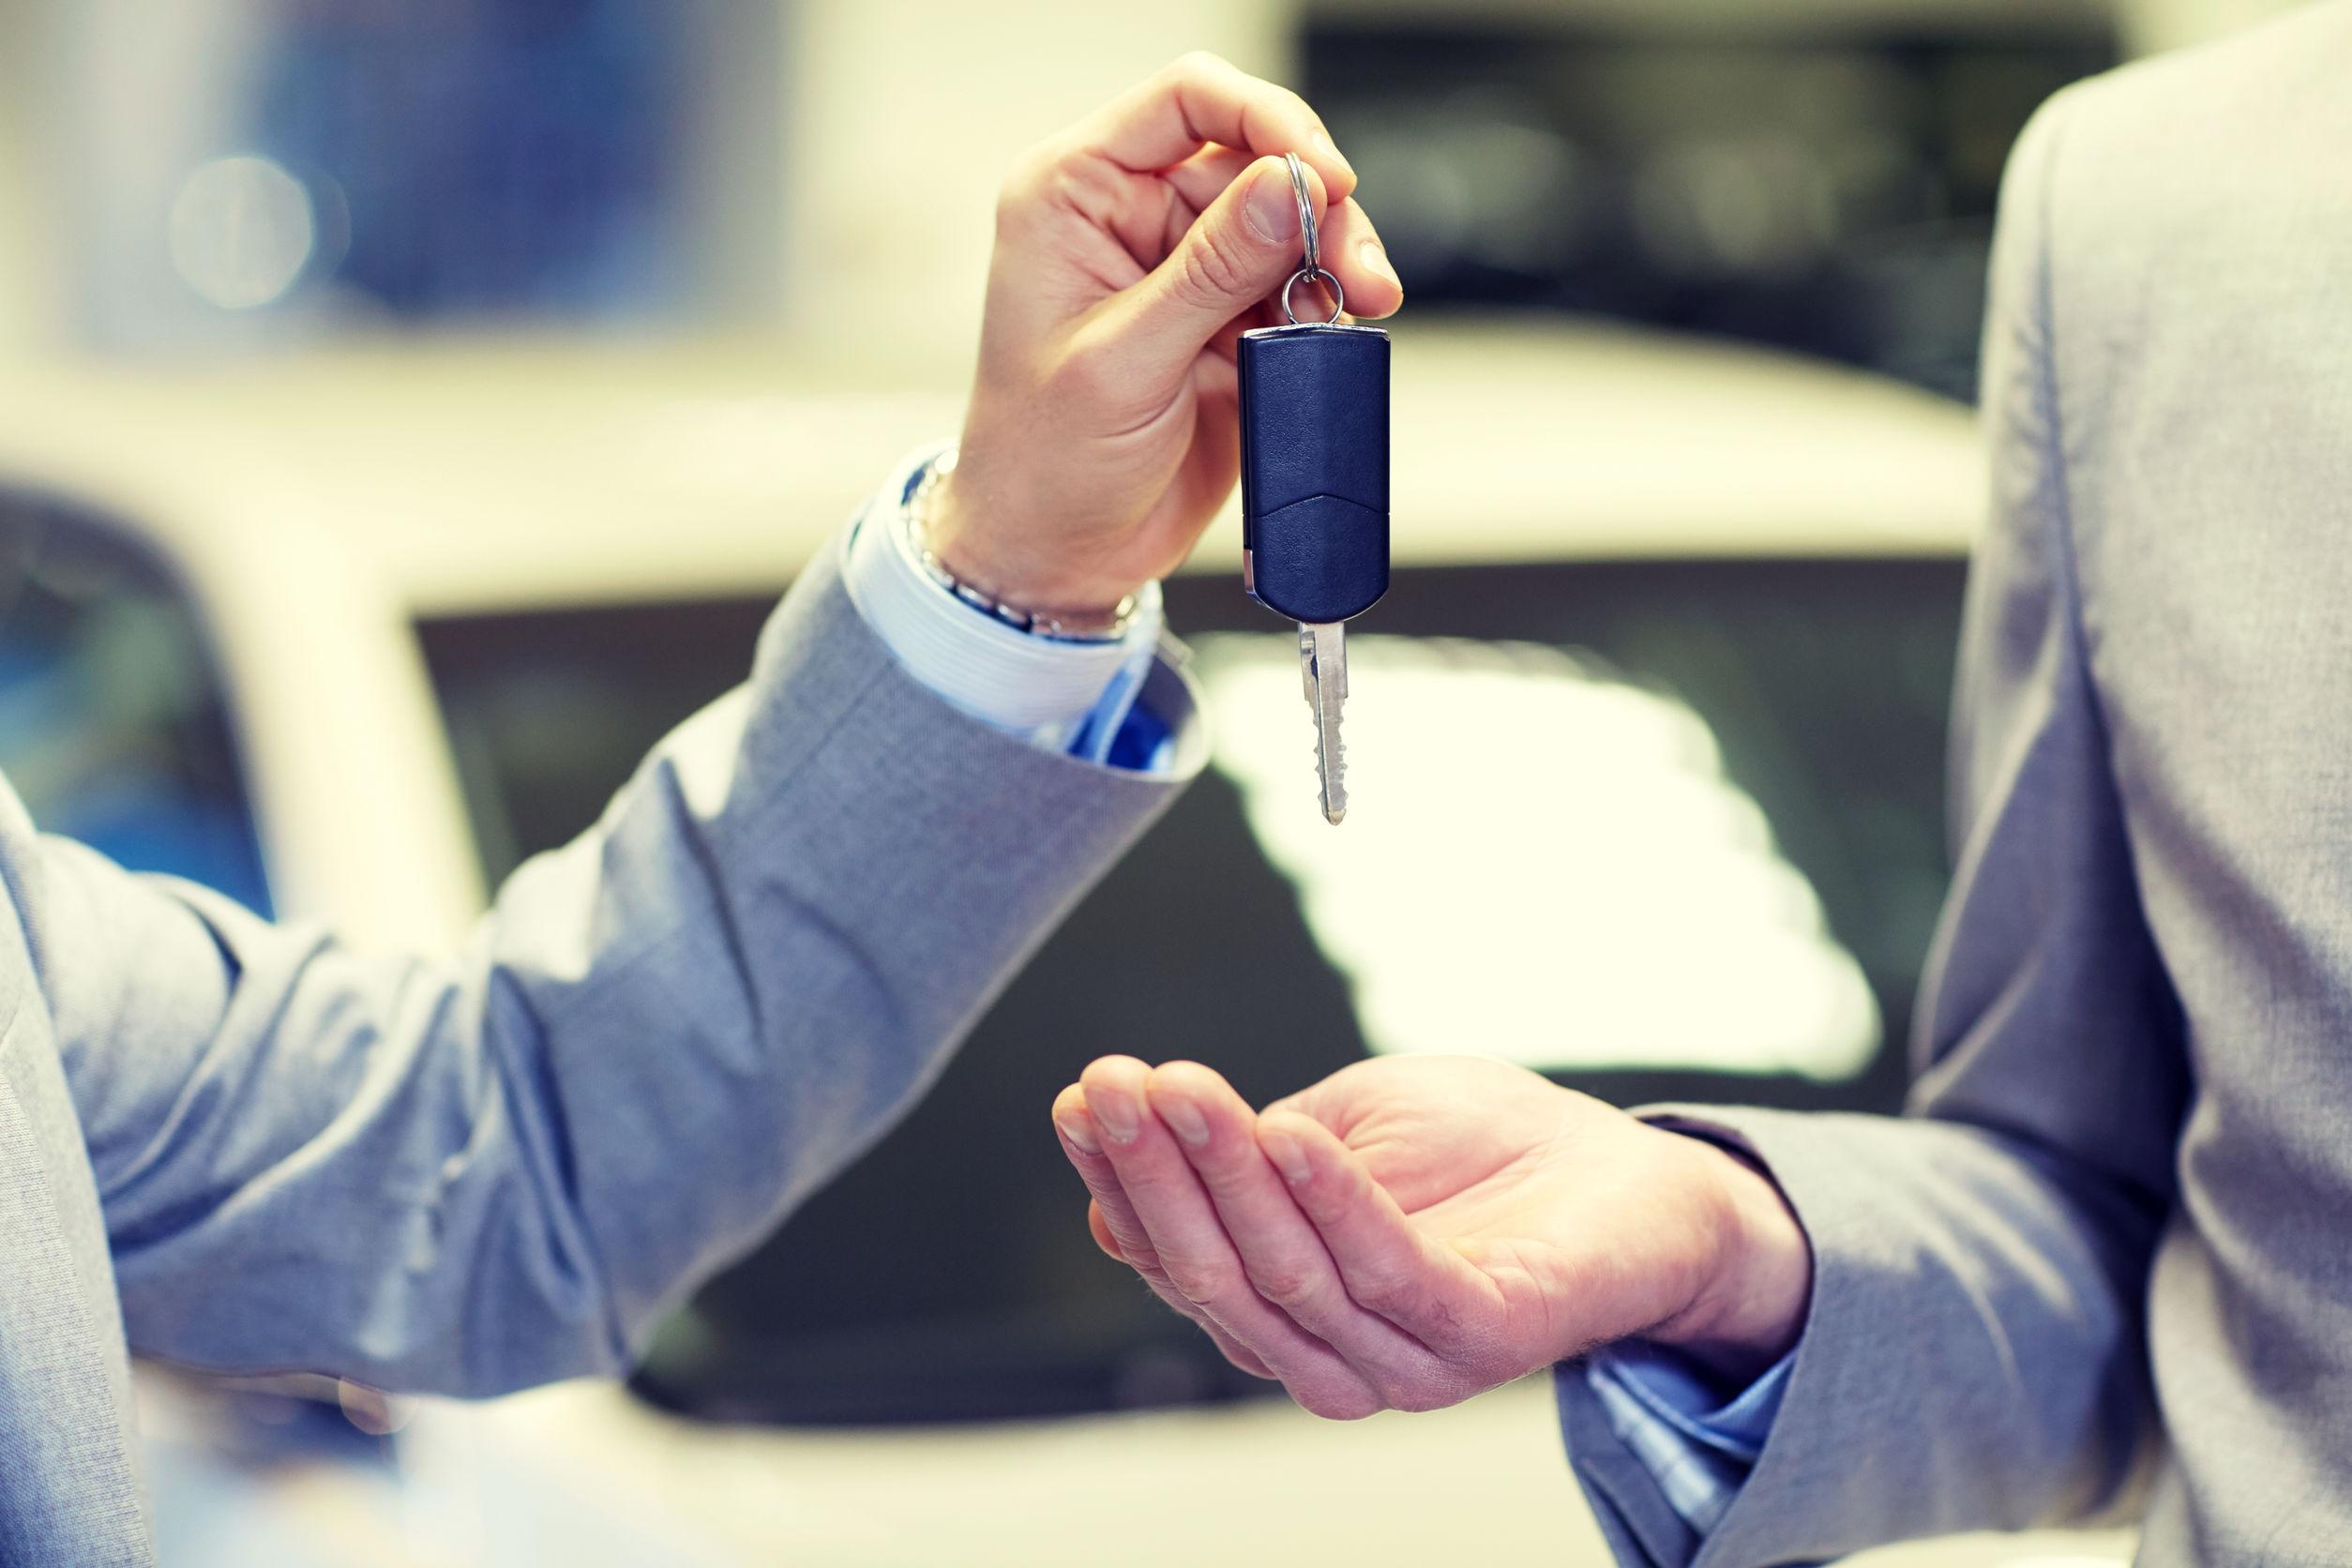 Autokreditvergleich: Die besten Autokredite (10/20)